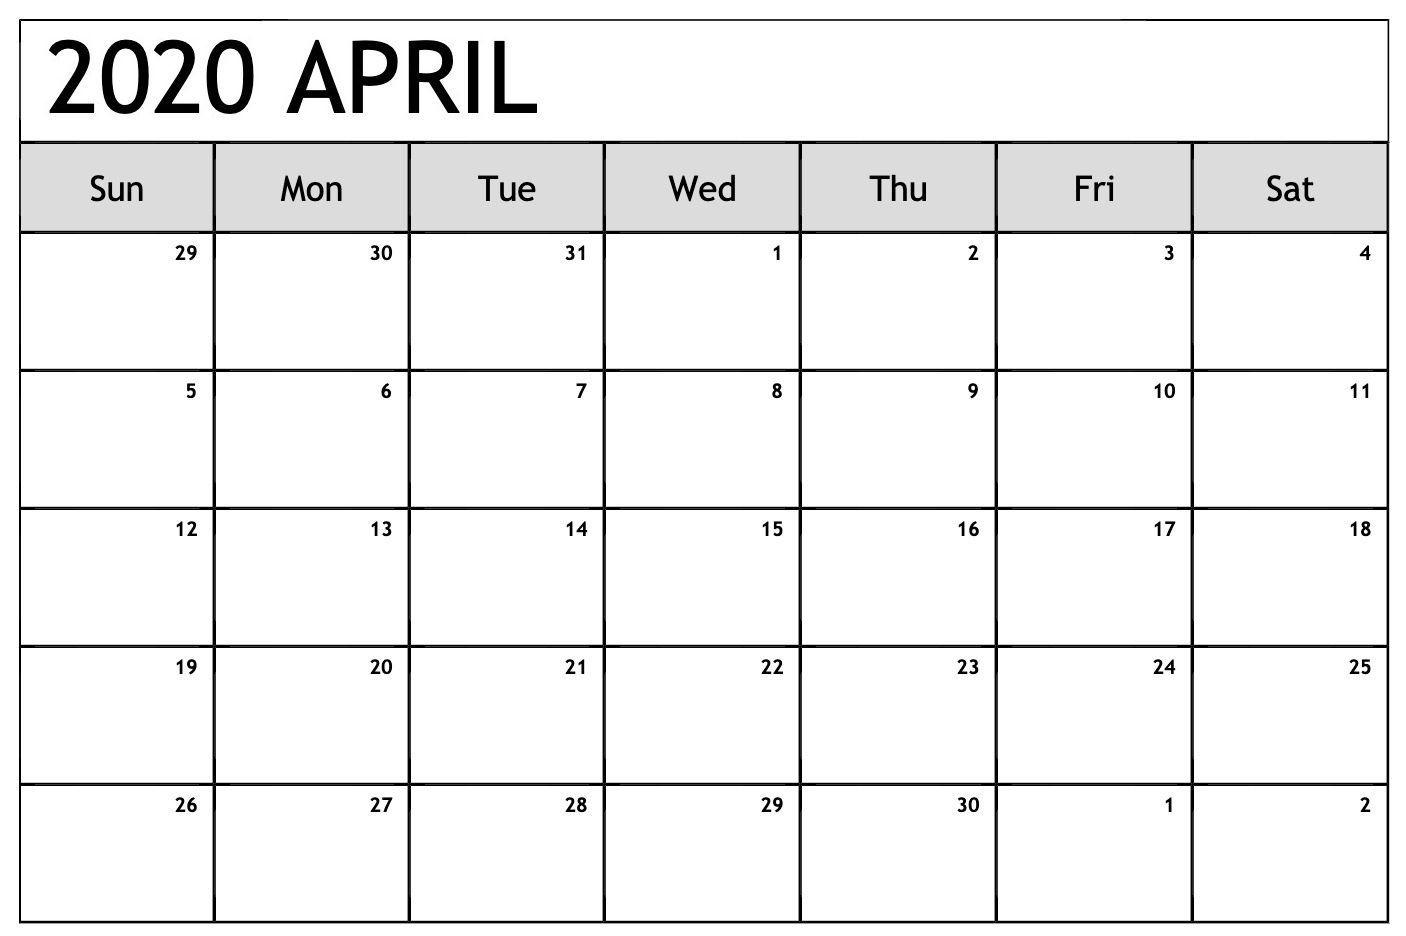 April 2020 Calendar Pdf Sheet For Exam | February Calendar